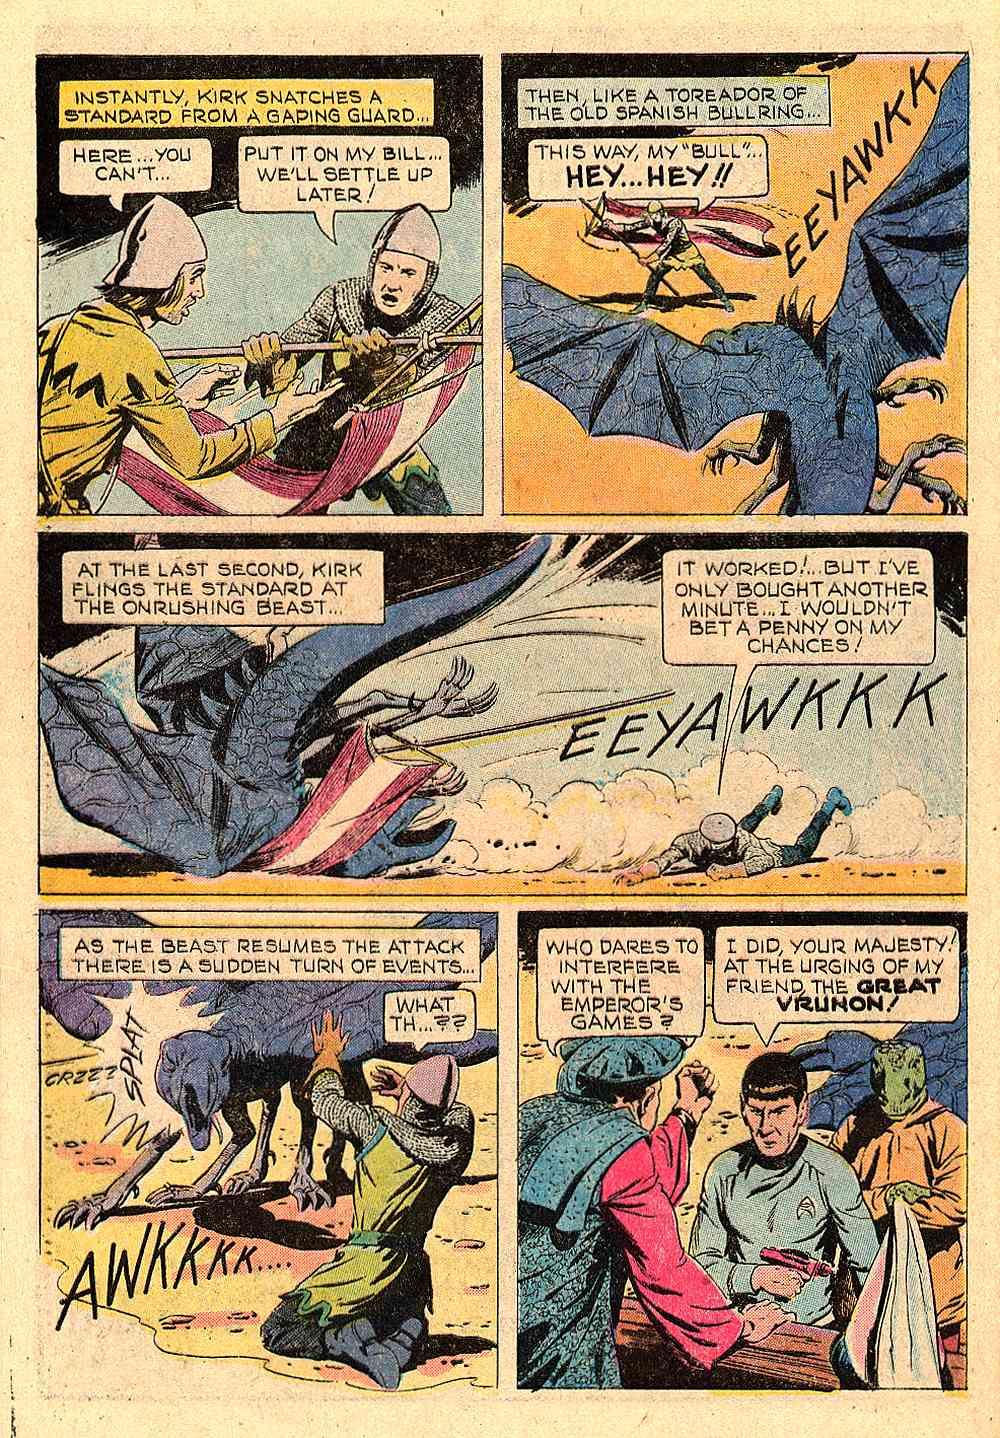 Star Trek (1967) #57 #57 - English 22